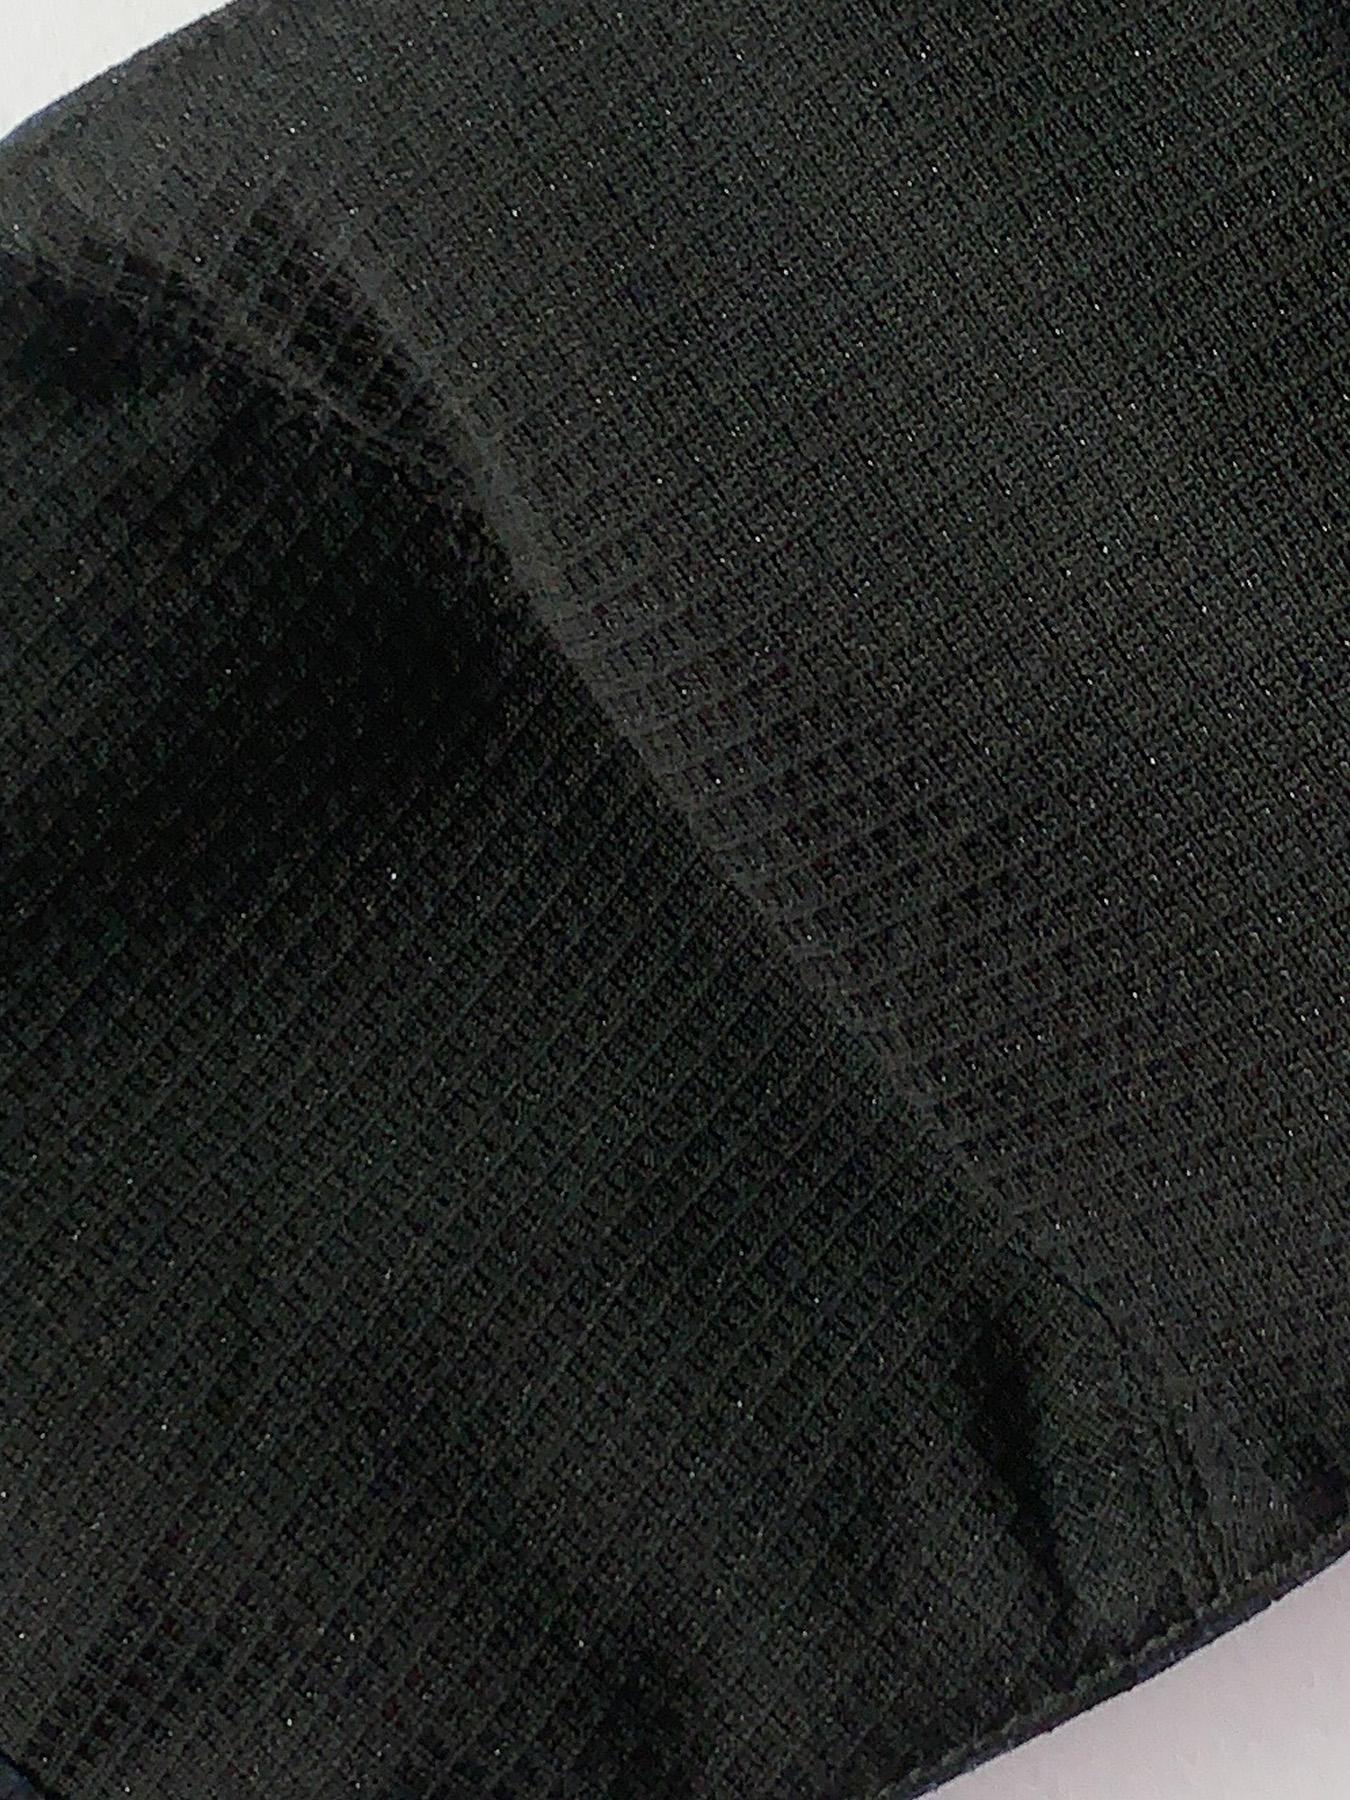 銀繊維の裏地で抗菌防臭対策